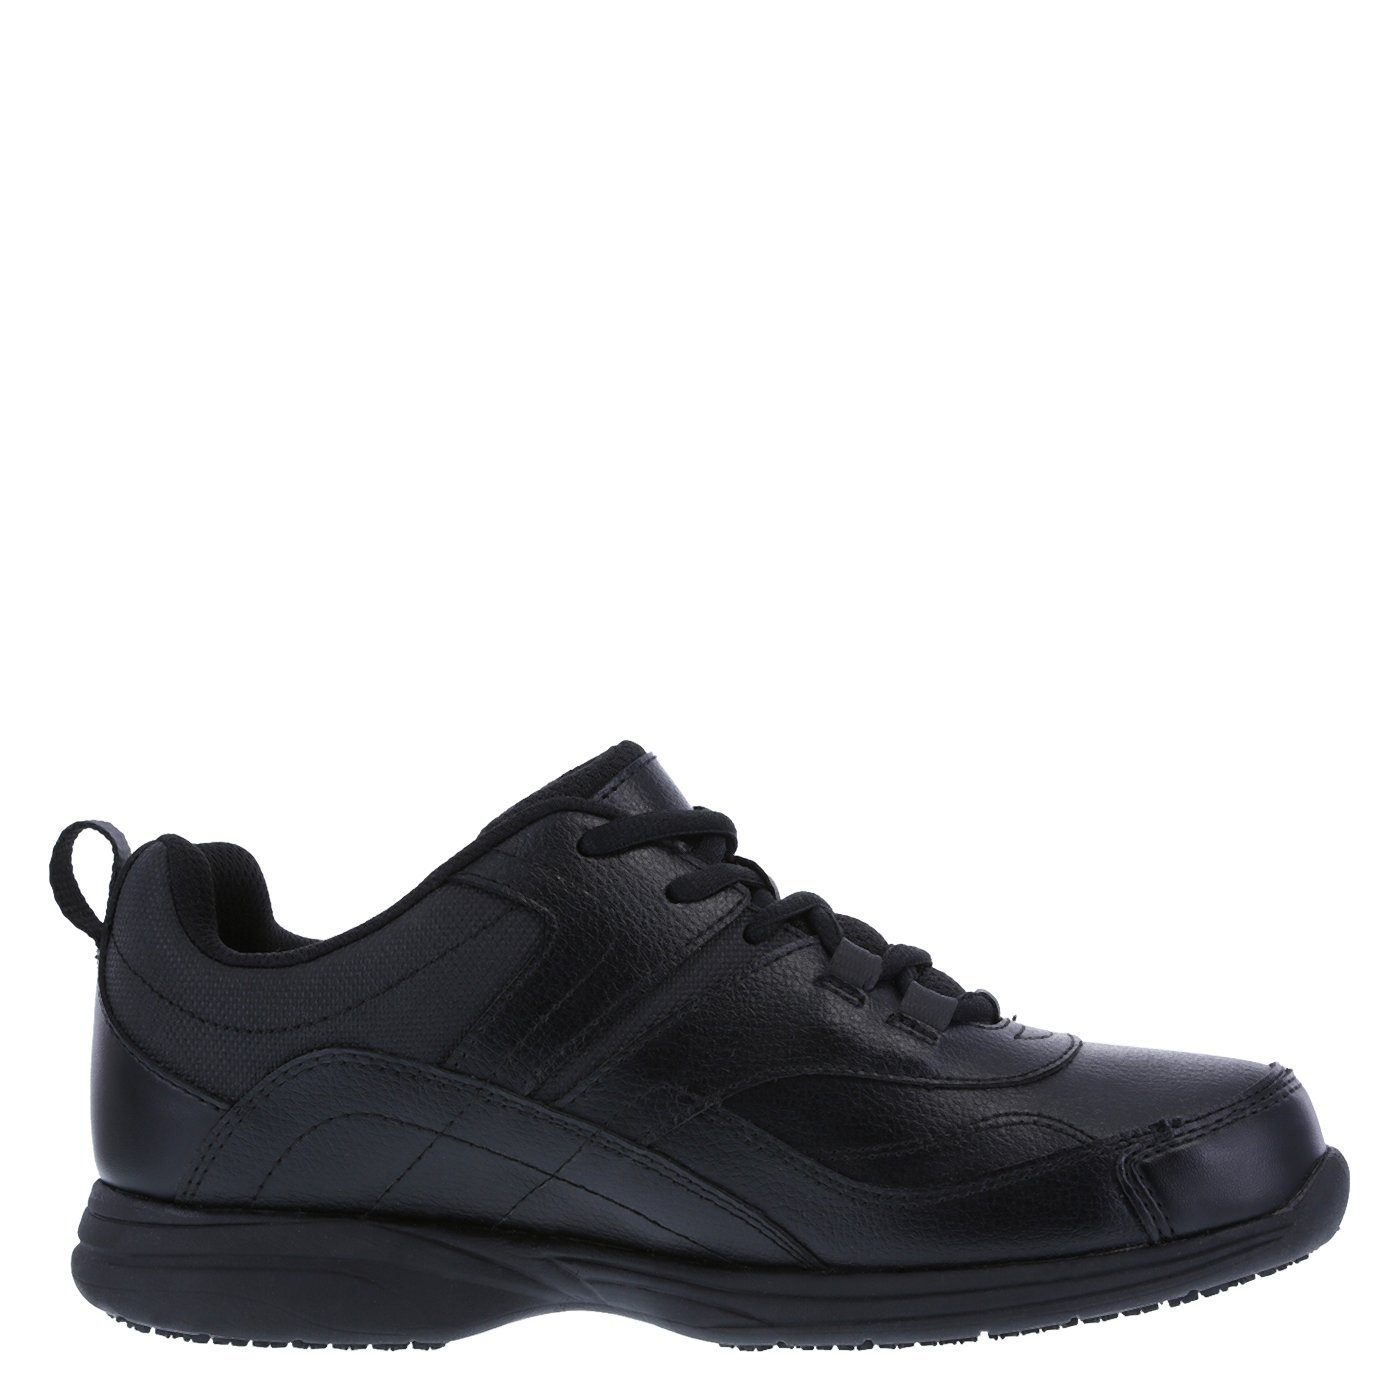 safeTstep Slip Resistant Women's Black Women's Athena Sneaker 7 Regular by safeTstep (Image #2)